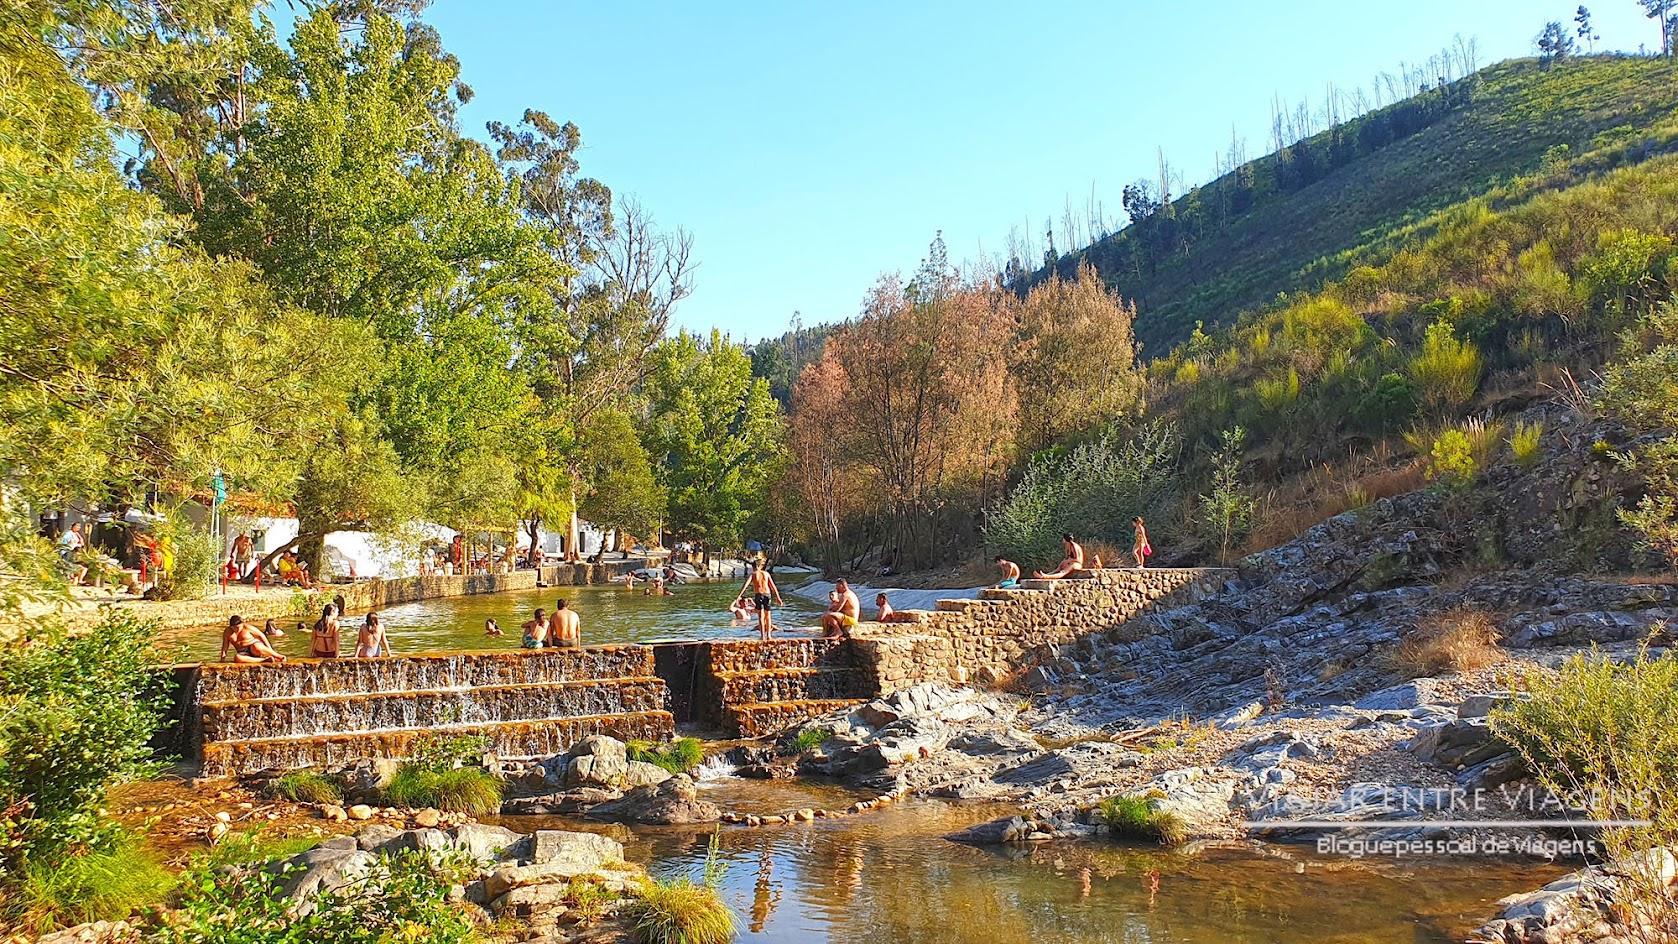 PRAIA DO PENEDO FURADO - Visitar o passadiço do PENEDO FURADO   Uma praia fluvial, um trilho, um passadiço, várias cascatas e piscinas naturais